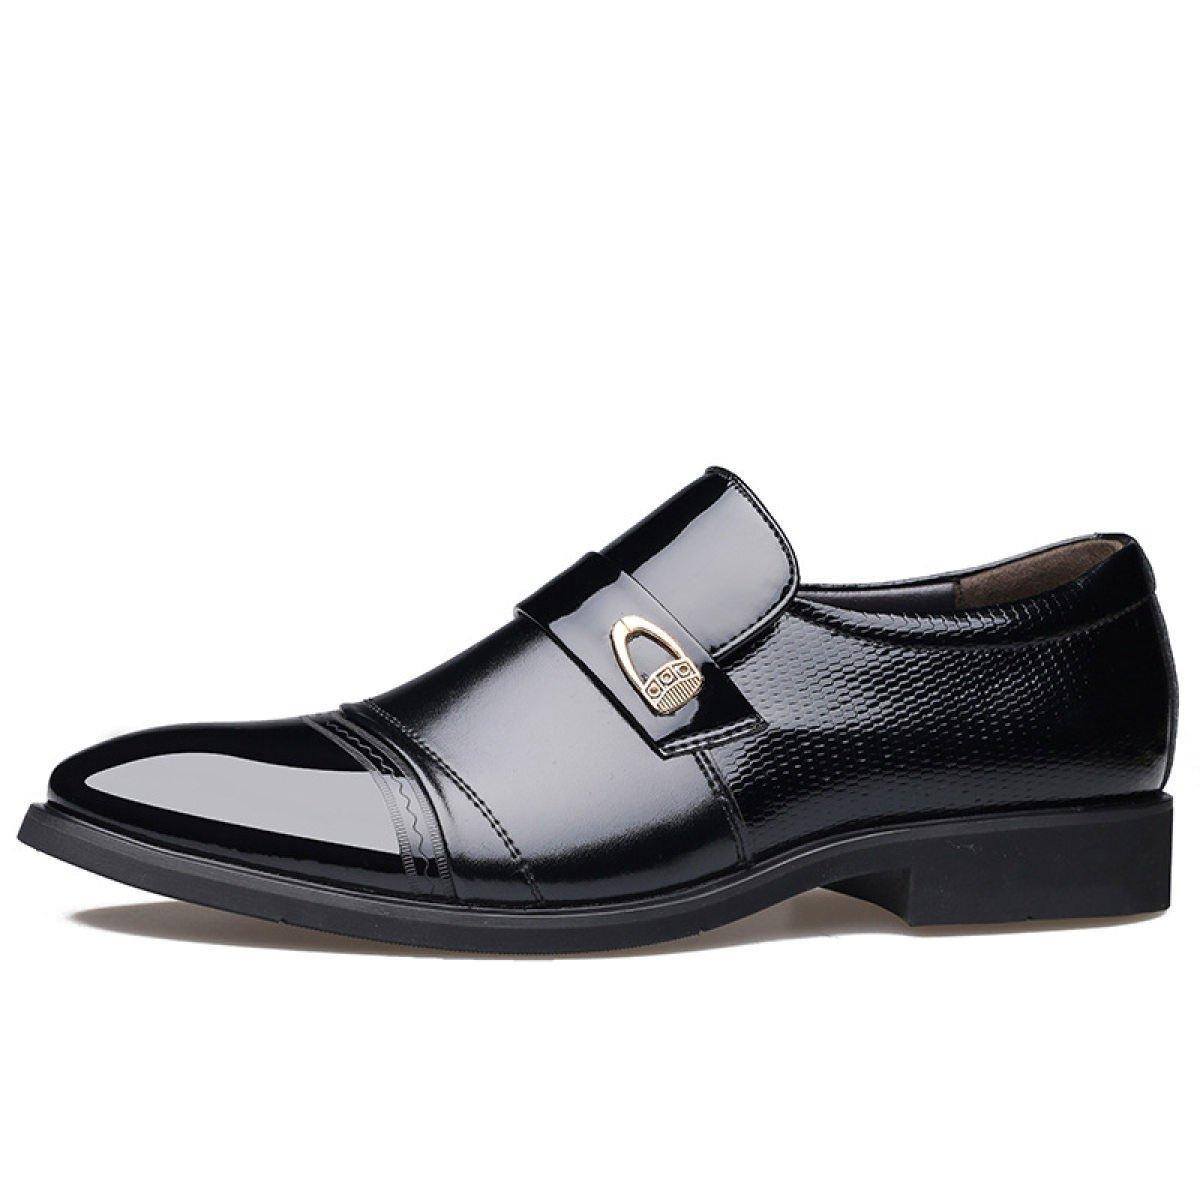 LEDLFIE Zapatos De Hombre Zapatos De Cuero De Vestir Hechos A Mano Zapatos De Hombre Zapatos Sueltos 41 EU|Black